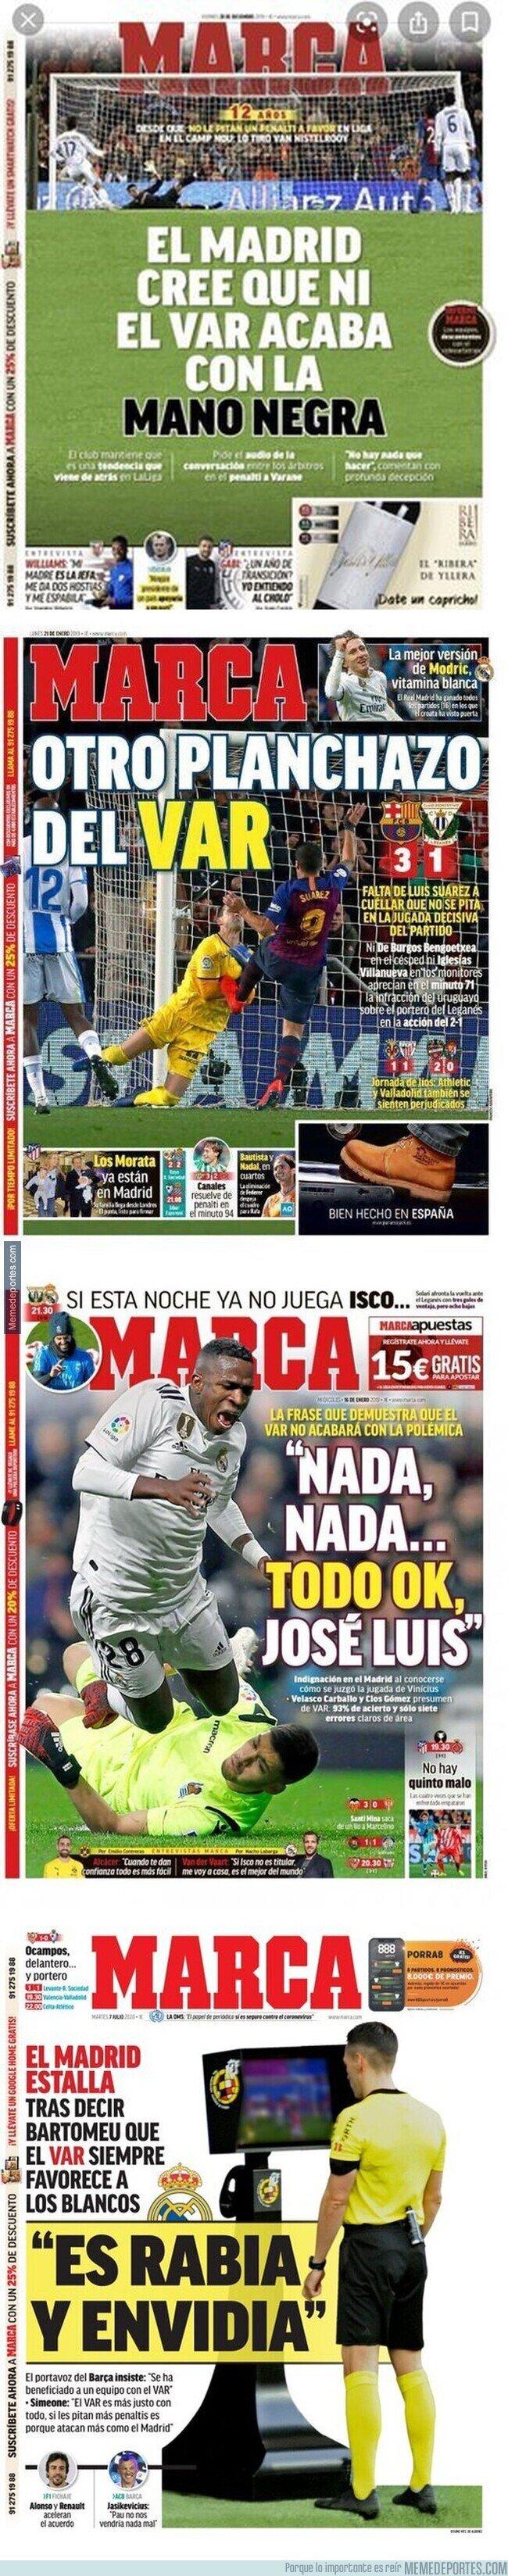 1108783 - Dejan retratado al diario MARCA por su diferencia de portadas cuando ayudan al Barça y al Real Madrid con el VAR